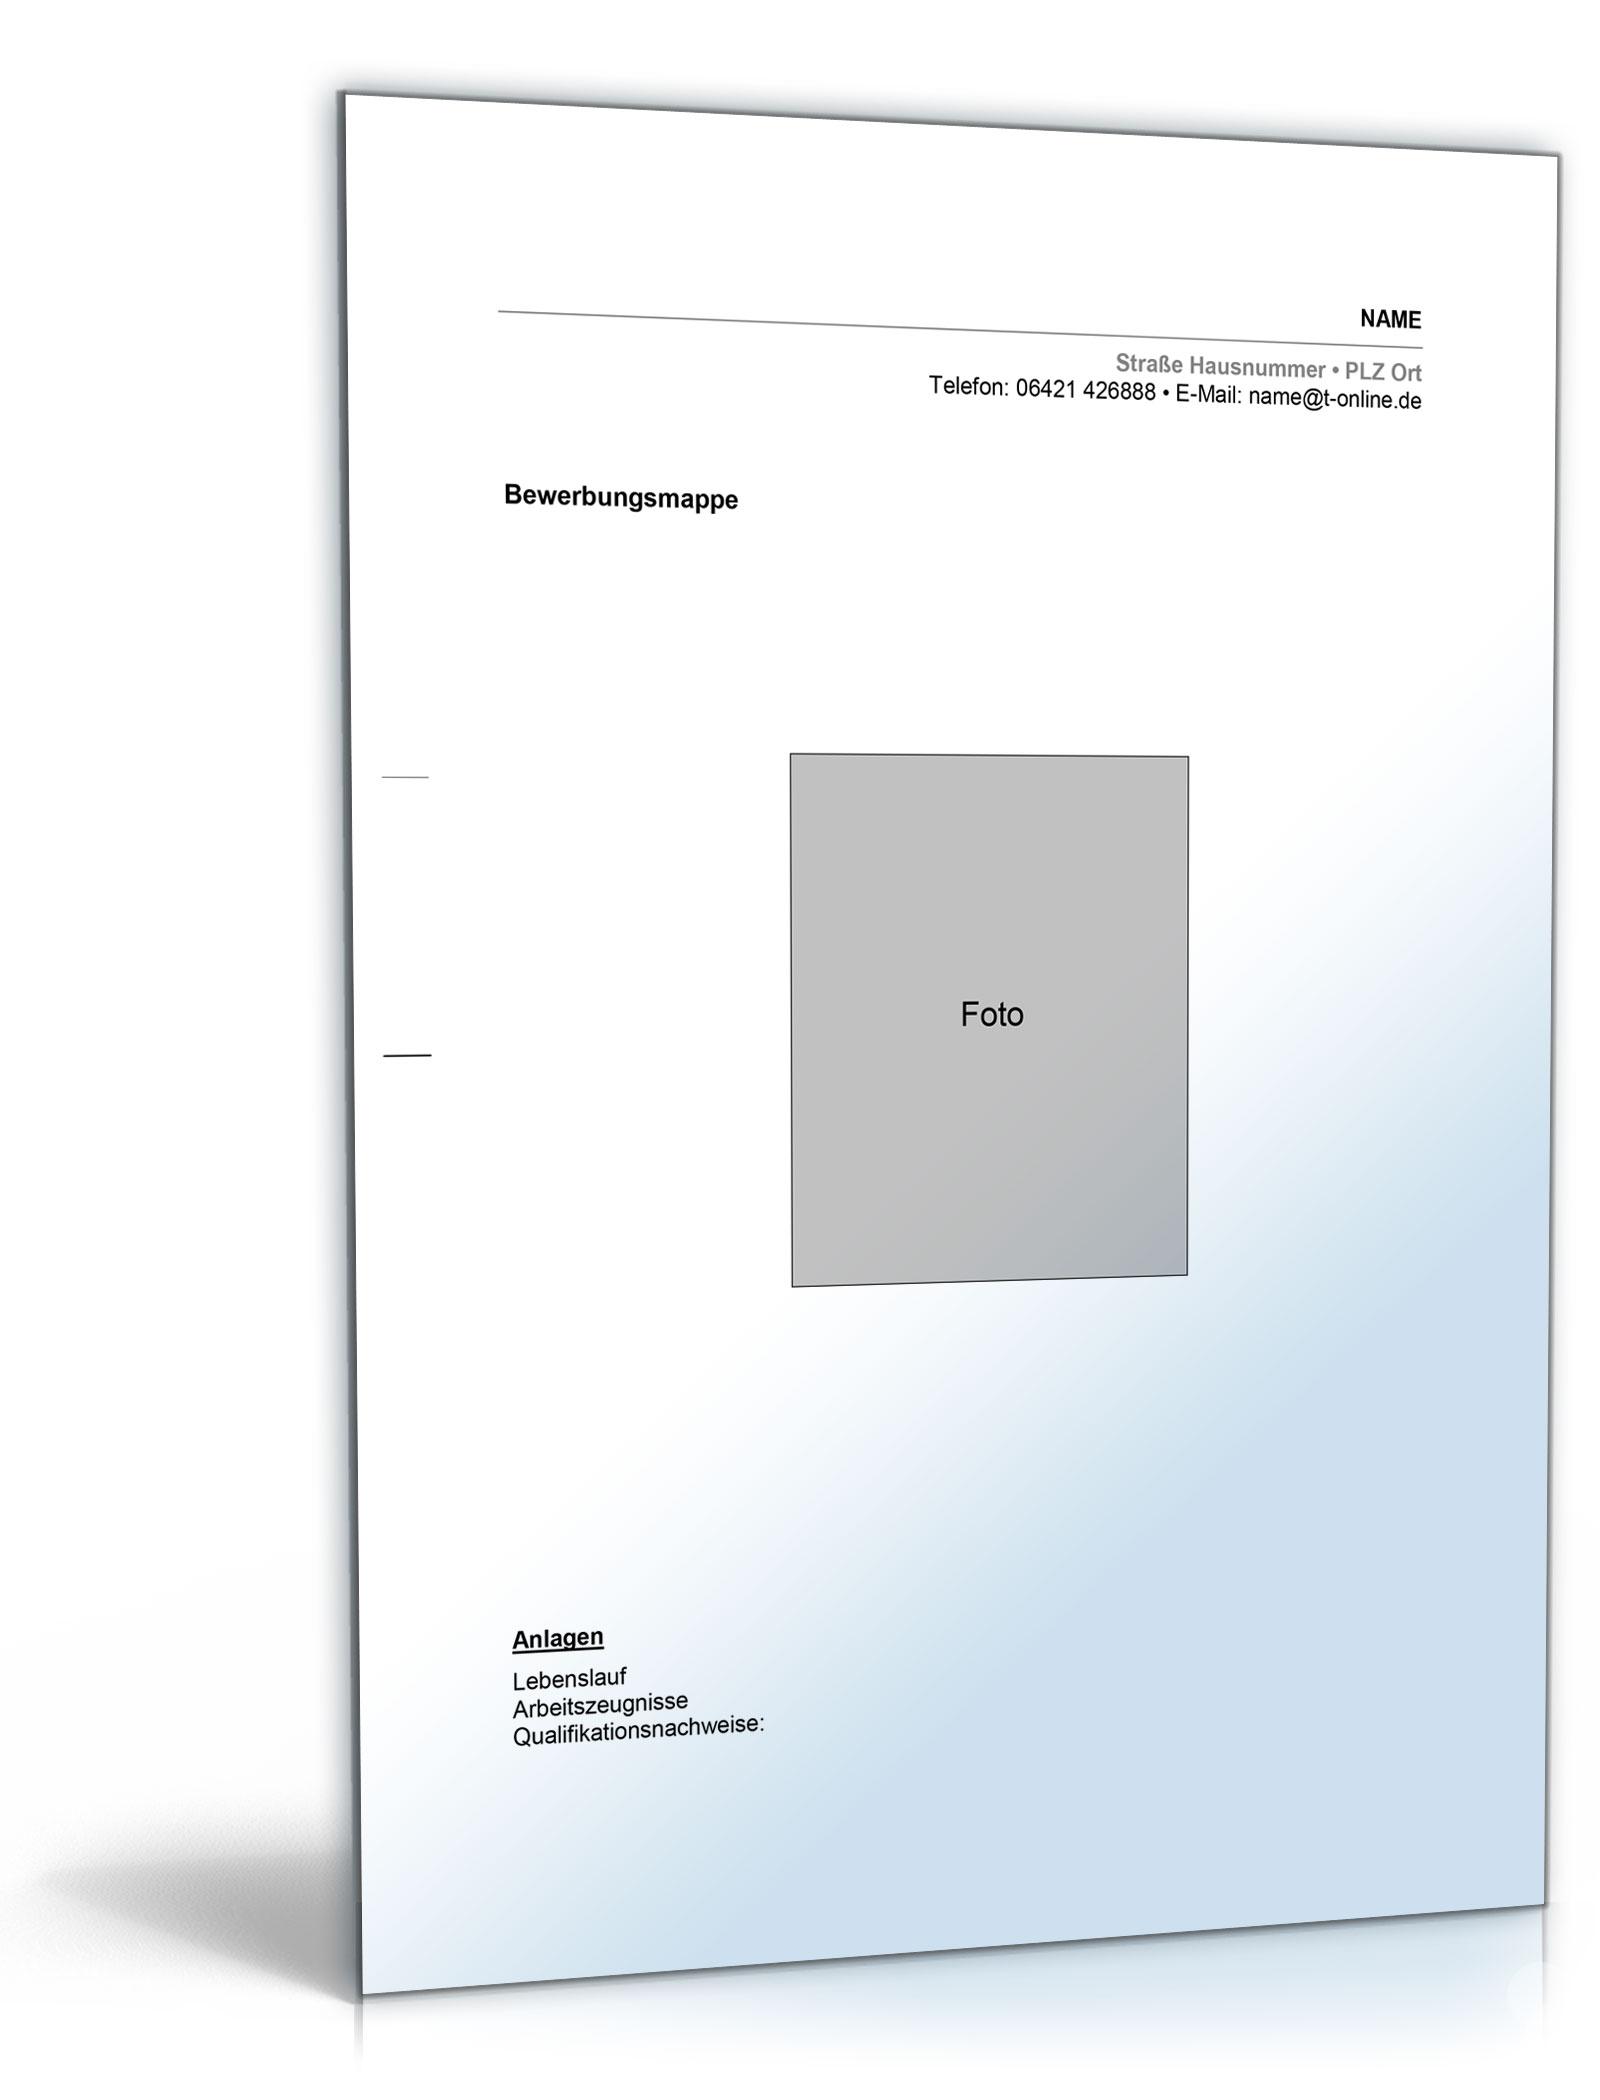 Schön Bluesky Lebenslauf Ideen - Beispiel Business Lebenslauf Ideen ...